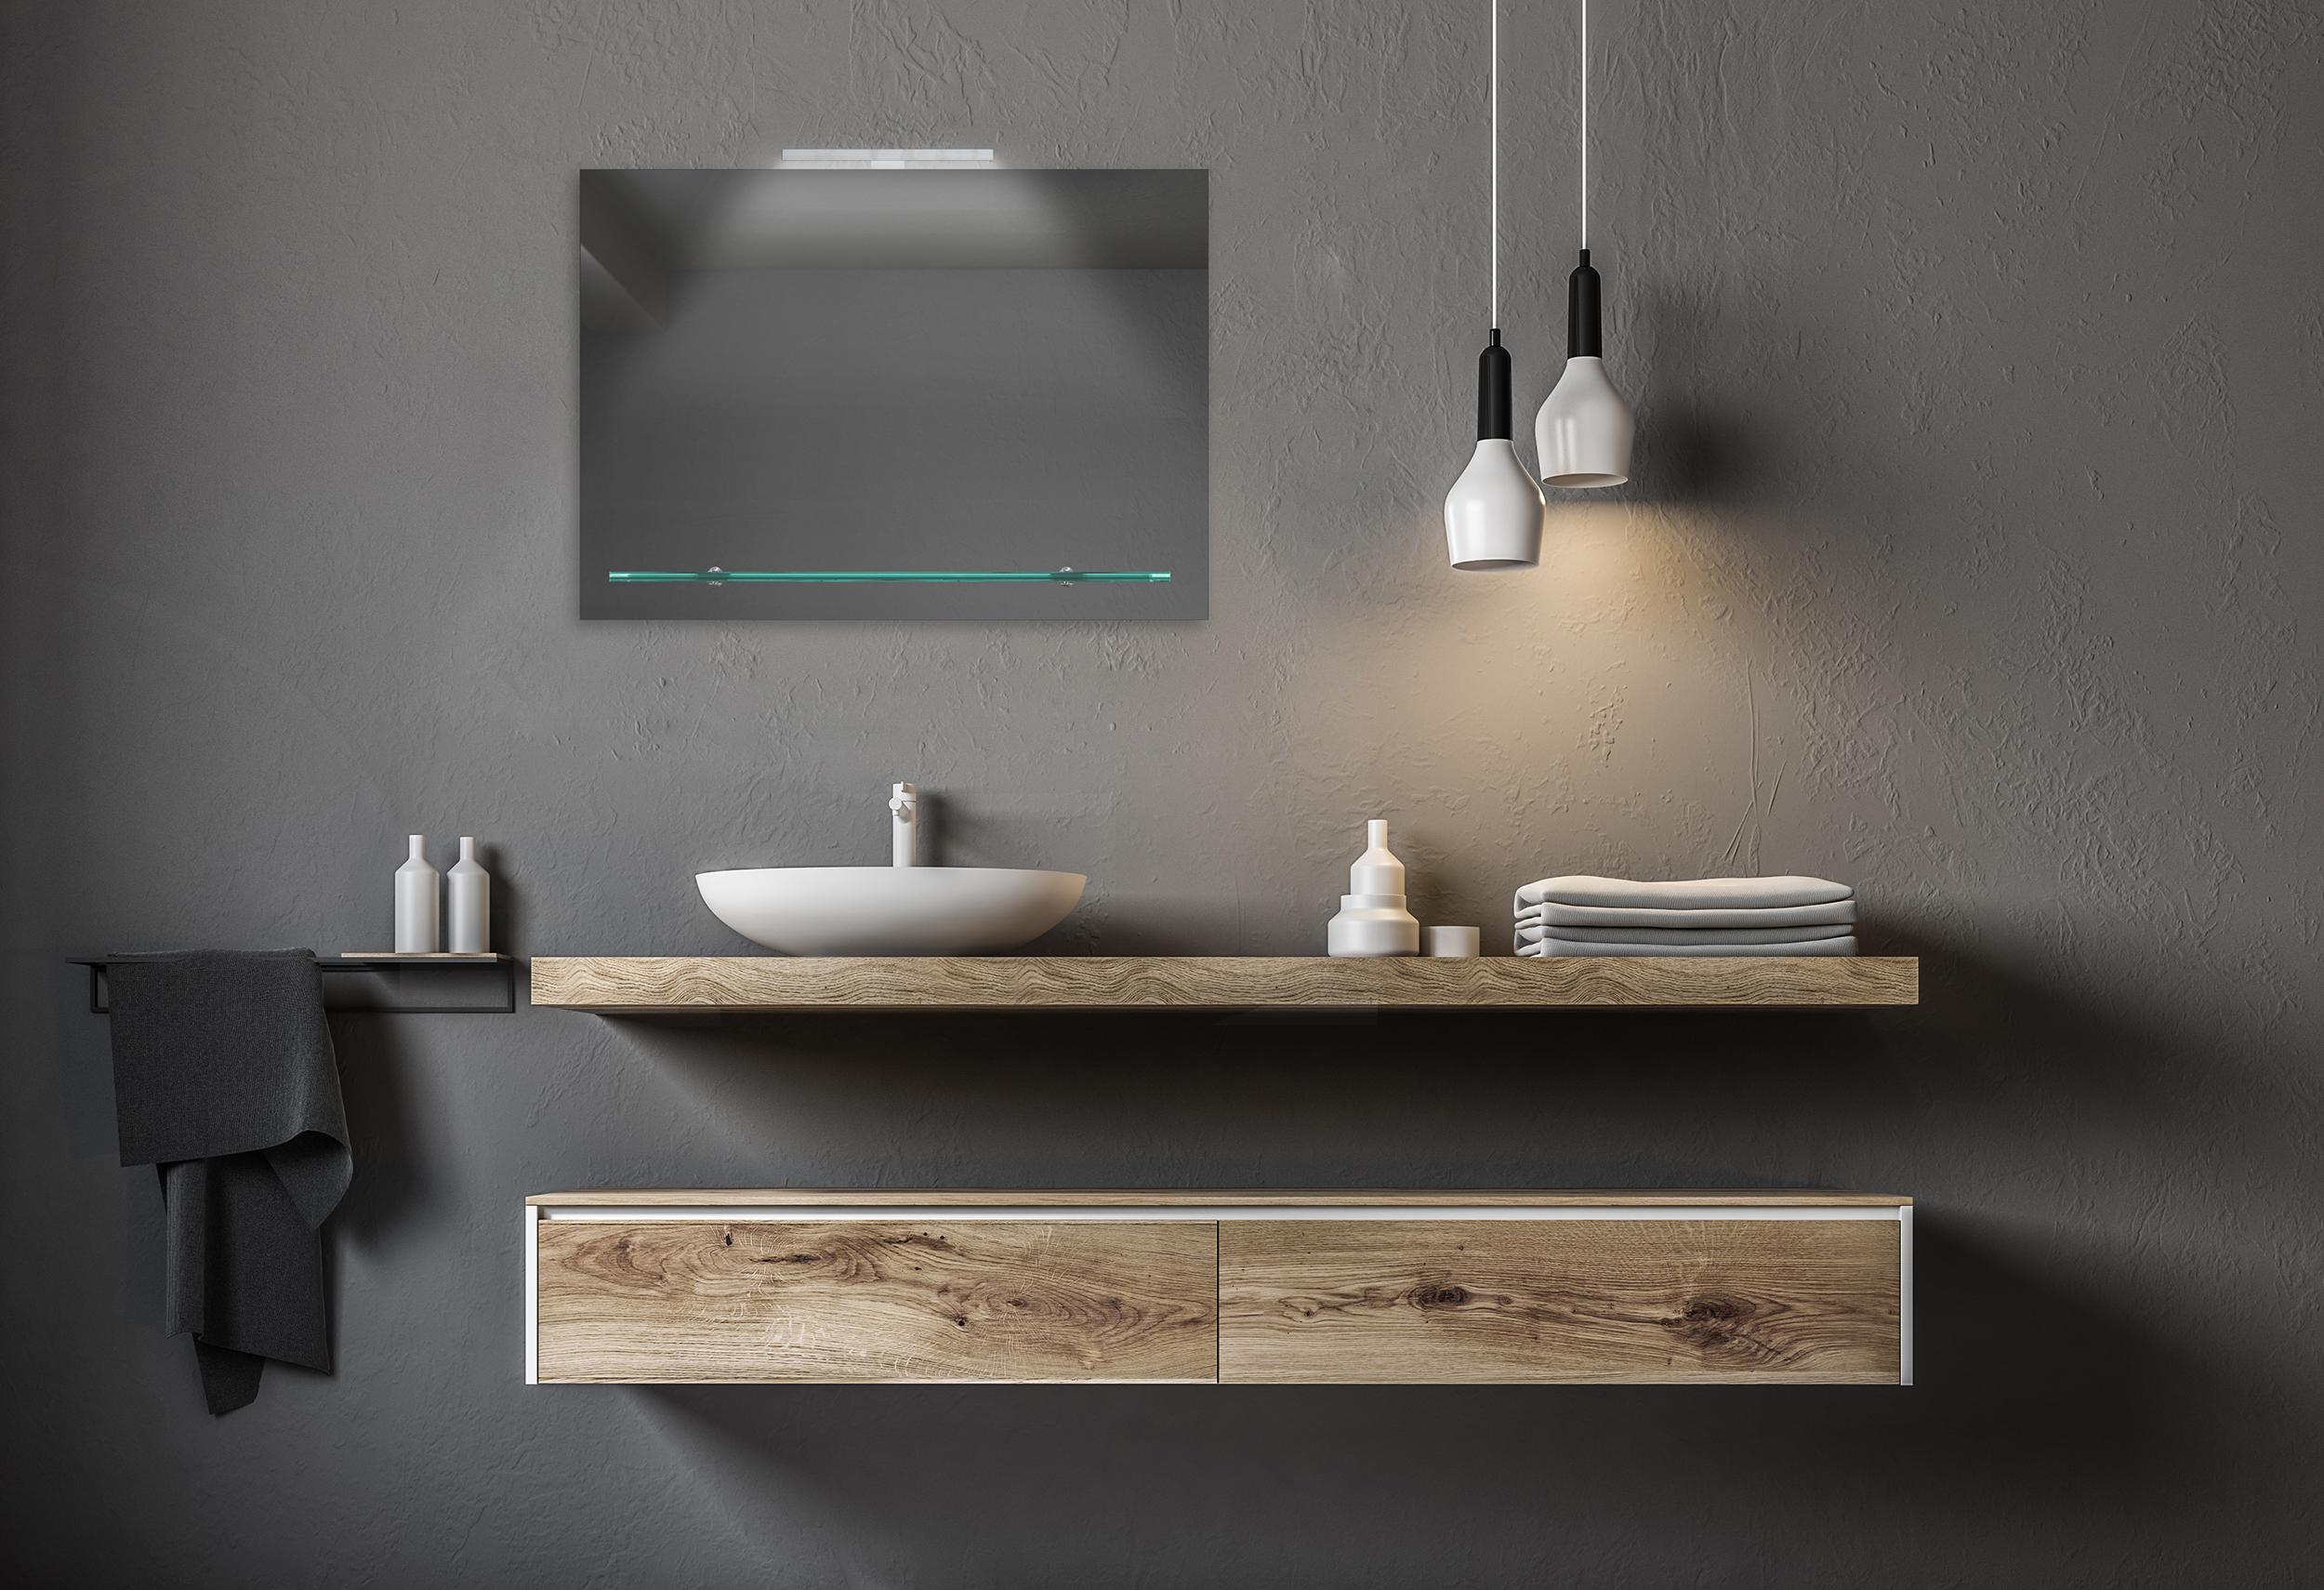 wandspiegel badezimmer badspiegel spiegel mit glasablage. Black Bedroom Furniture Sets. Home Design Ideas